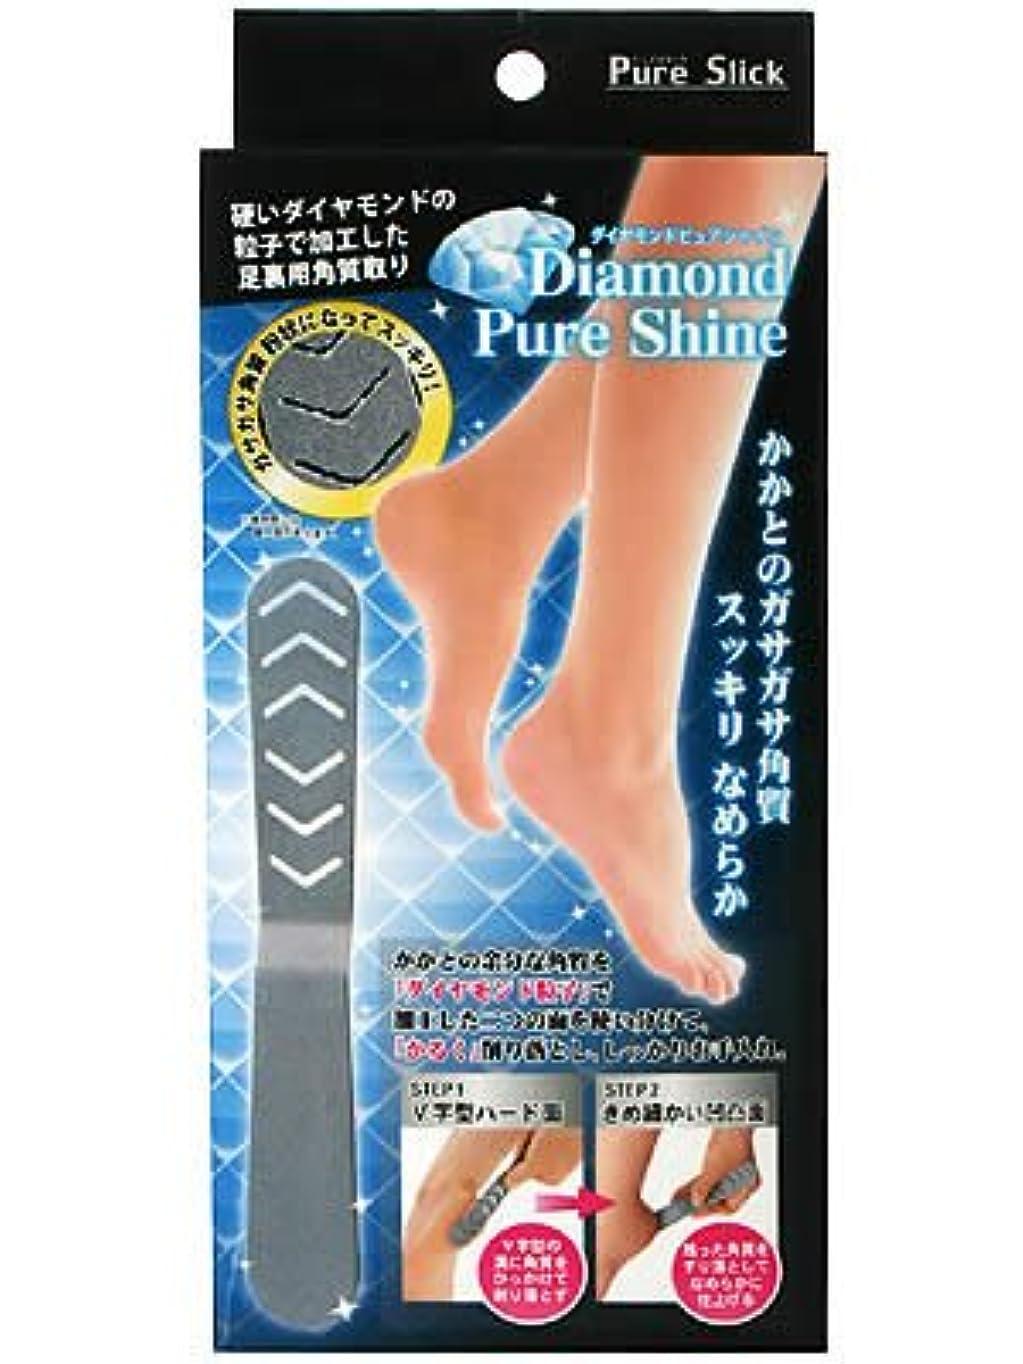 ジェット財産地下鉄ニーズ ダイヤモンドピュアシャイン